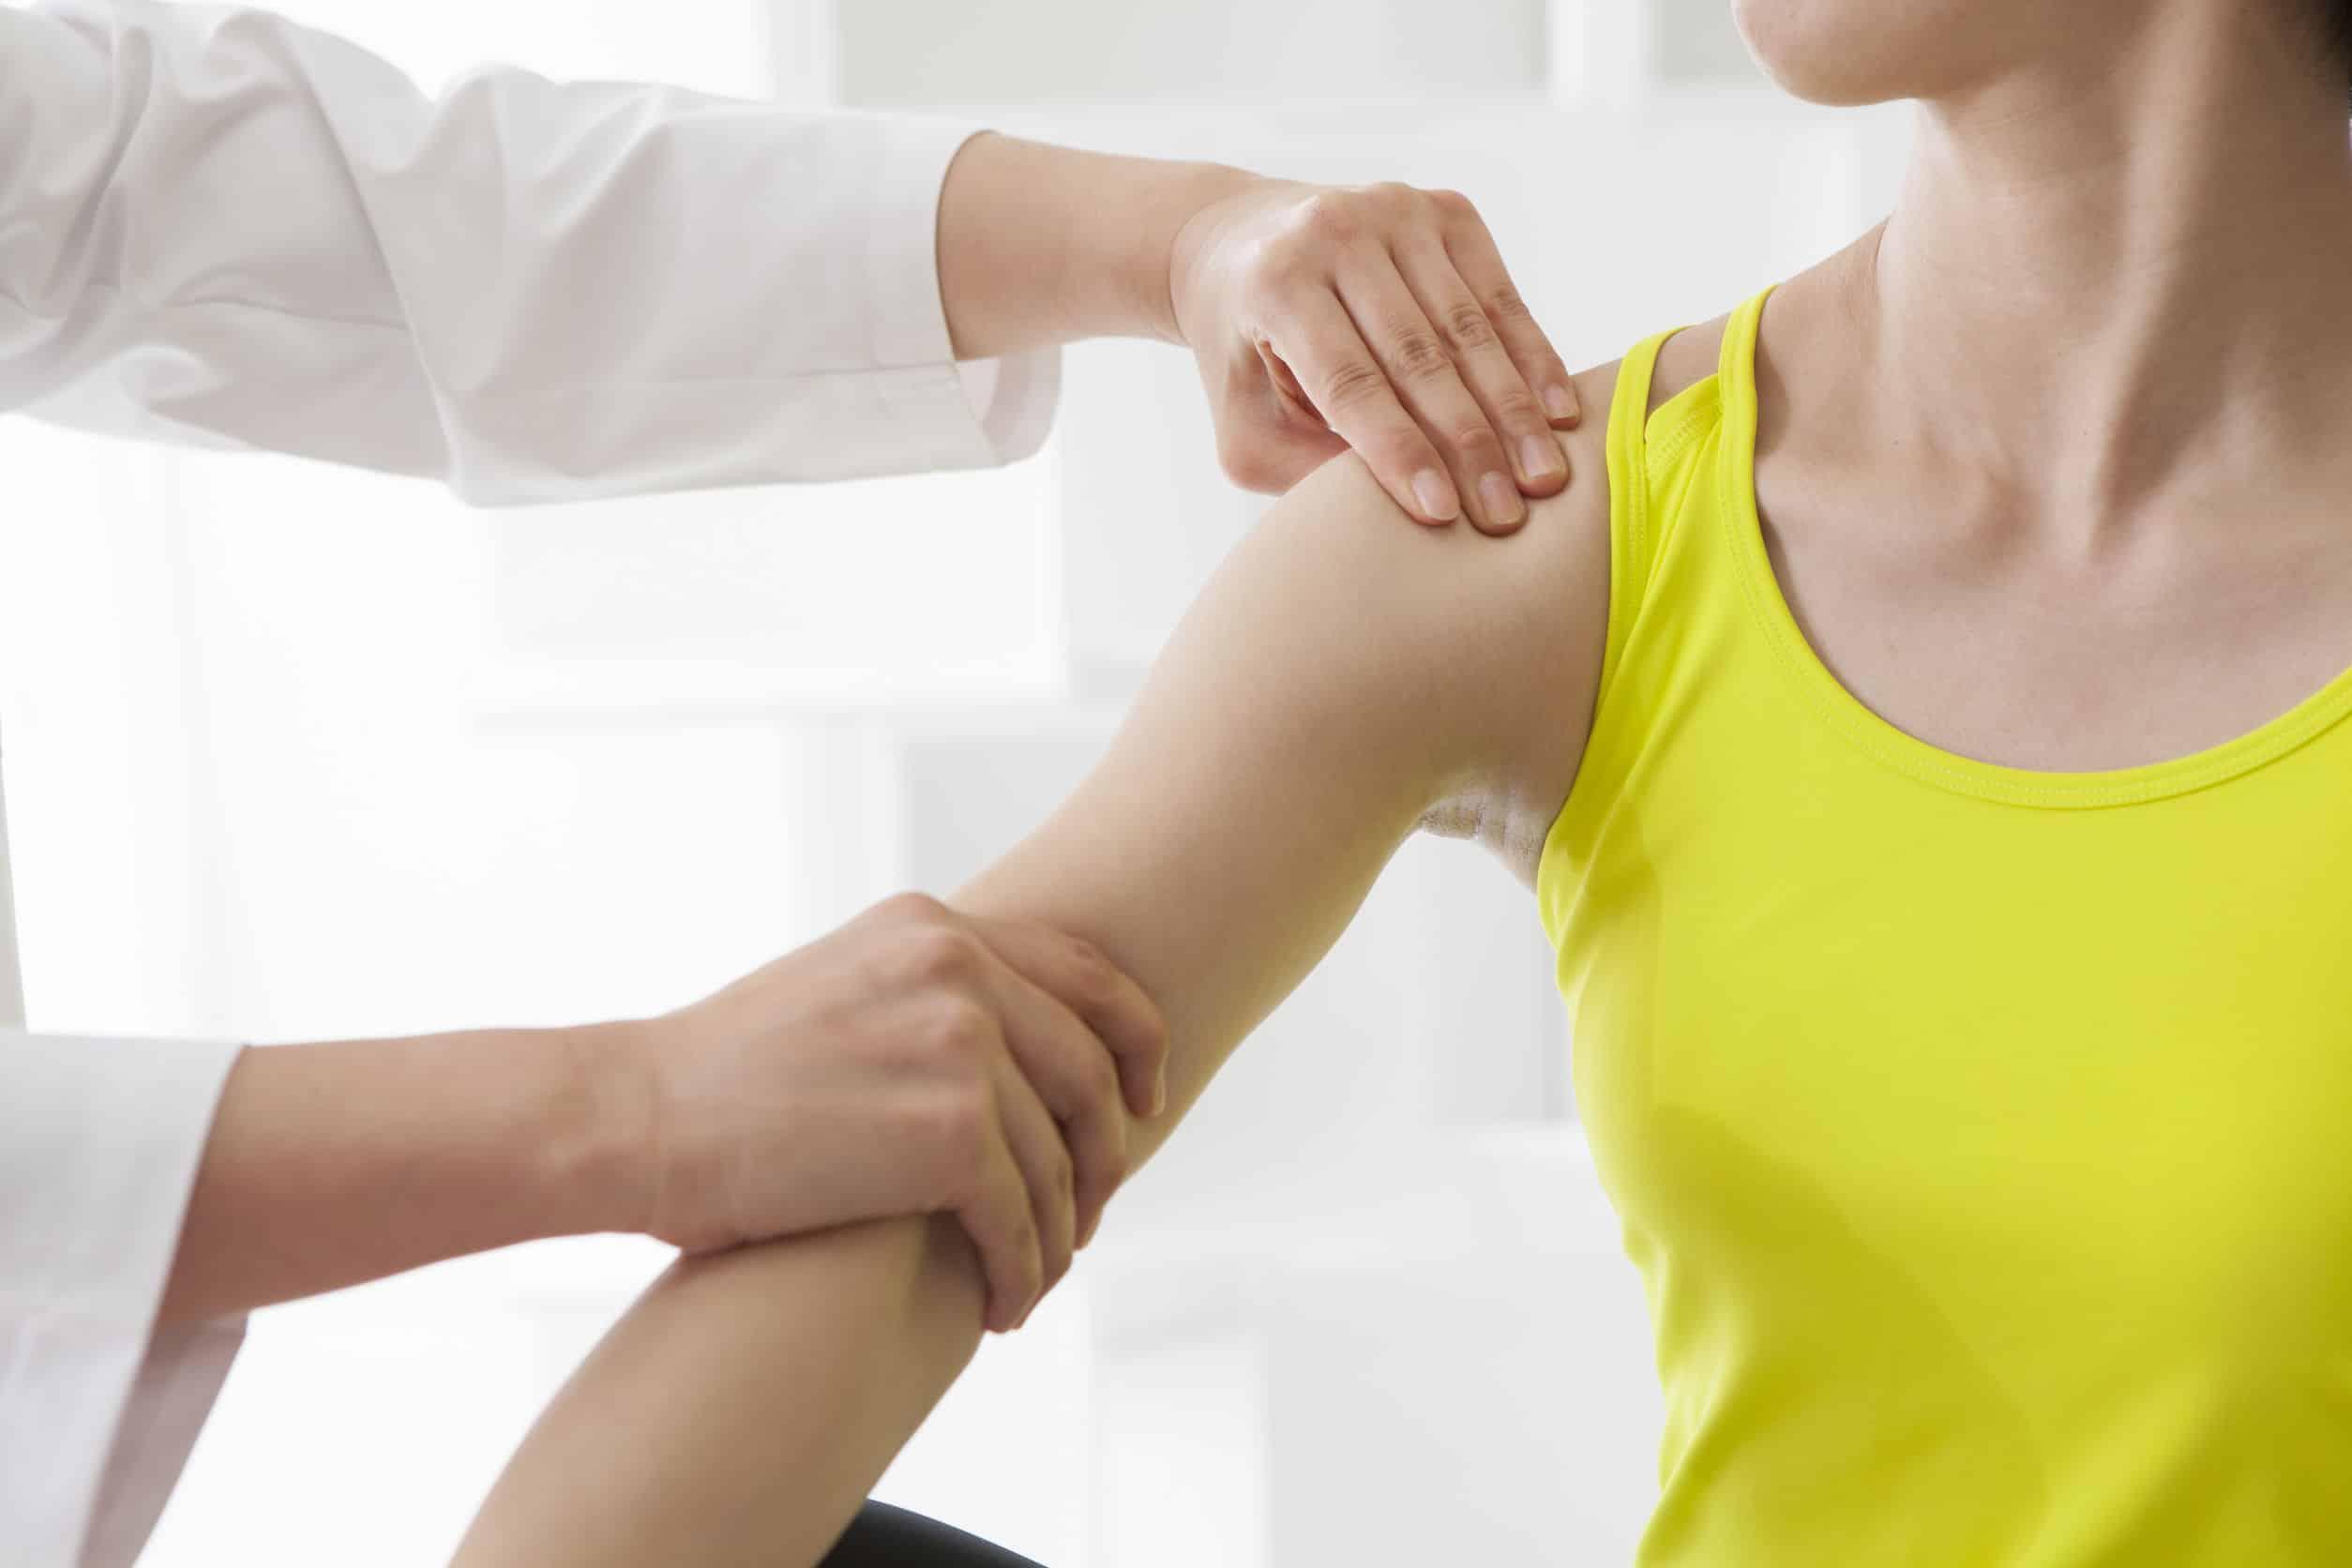 Przeprowadzany masaż tkanek głębokich u młodej kobiety